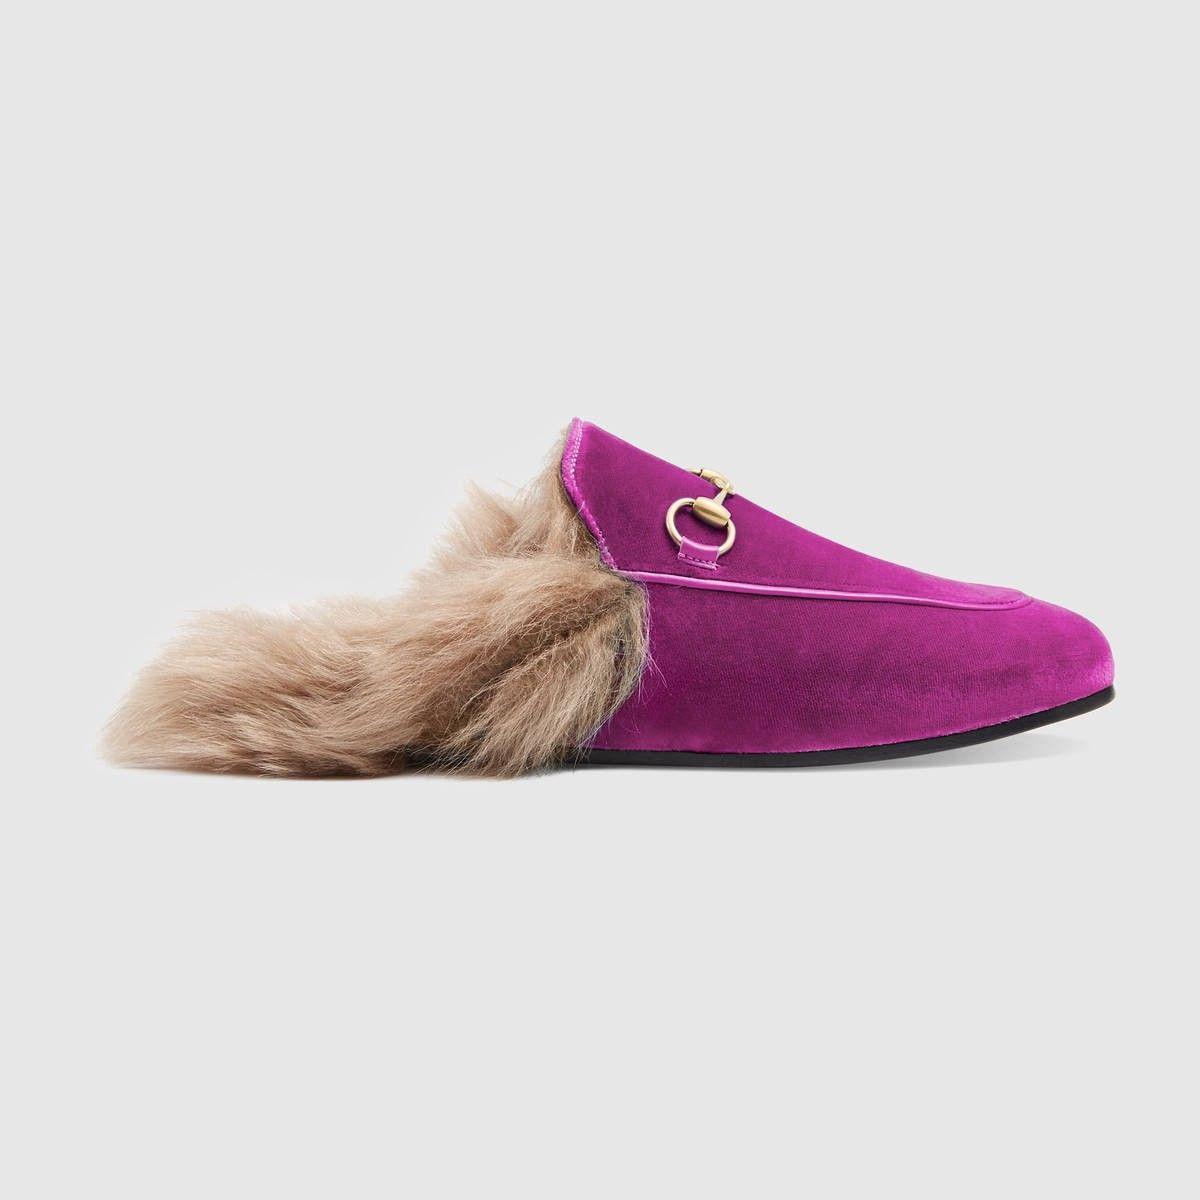 57d14ed7ac GUCCI Princetown Velvet Slipper - Fuchsia Velvet. #gucci #shoes #all ...